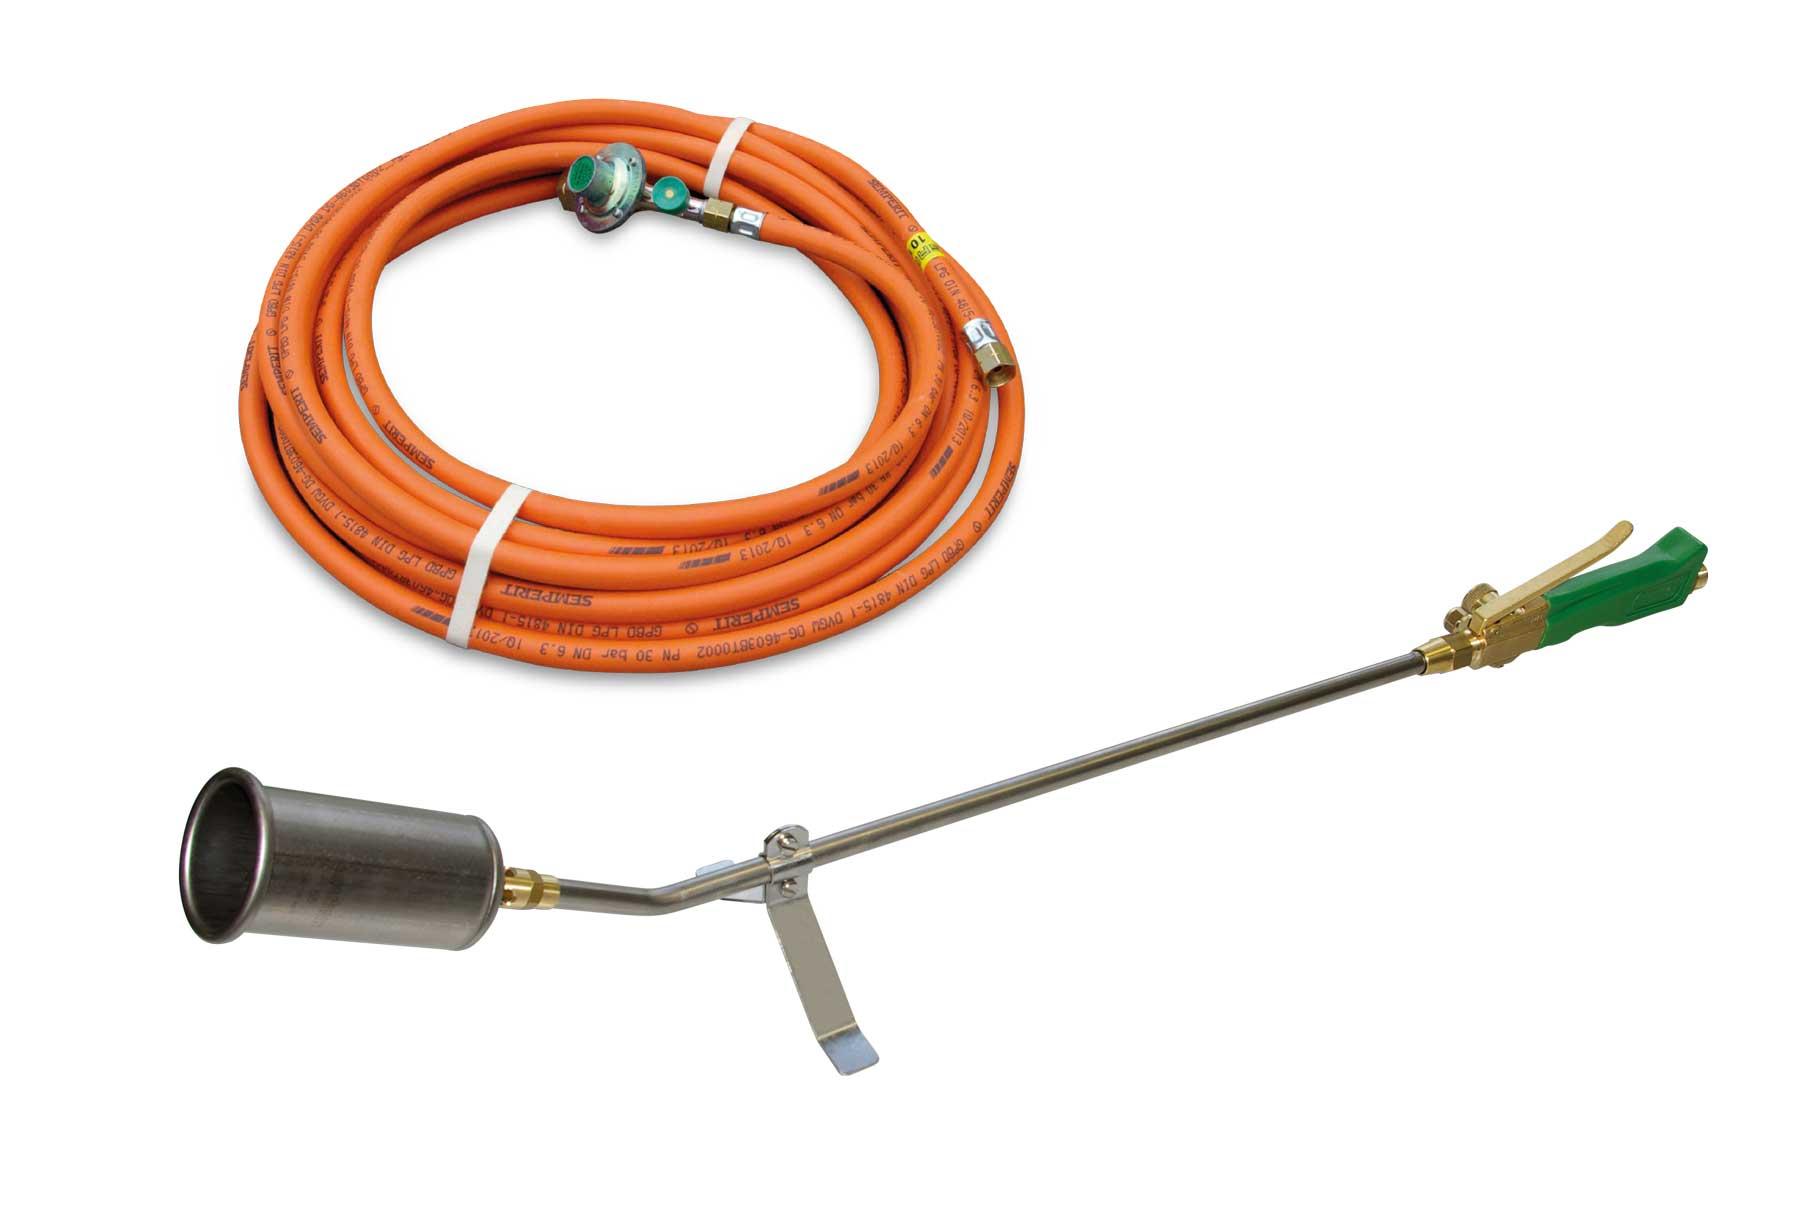 Titan TM 55 Universalbrenner mit 10 m HD-Schlauch / Titanium universal burner TM 55 with 10 m high pressure hose